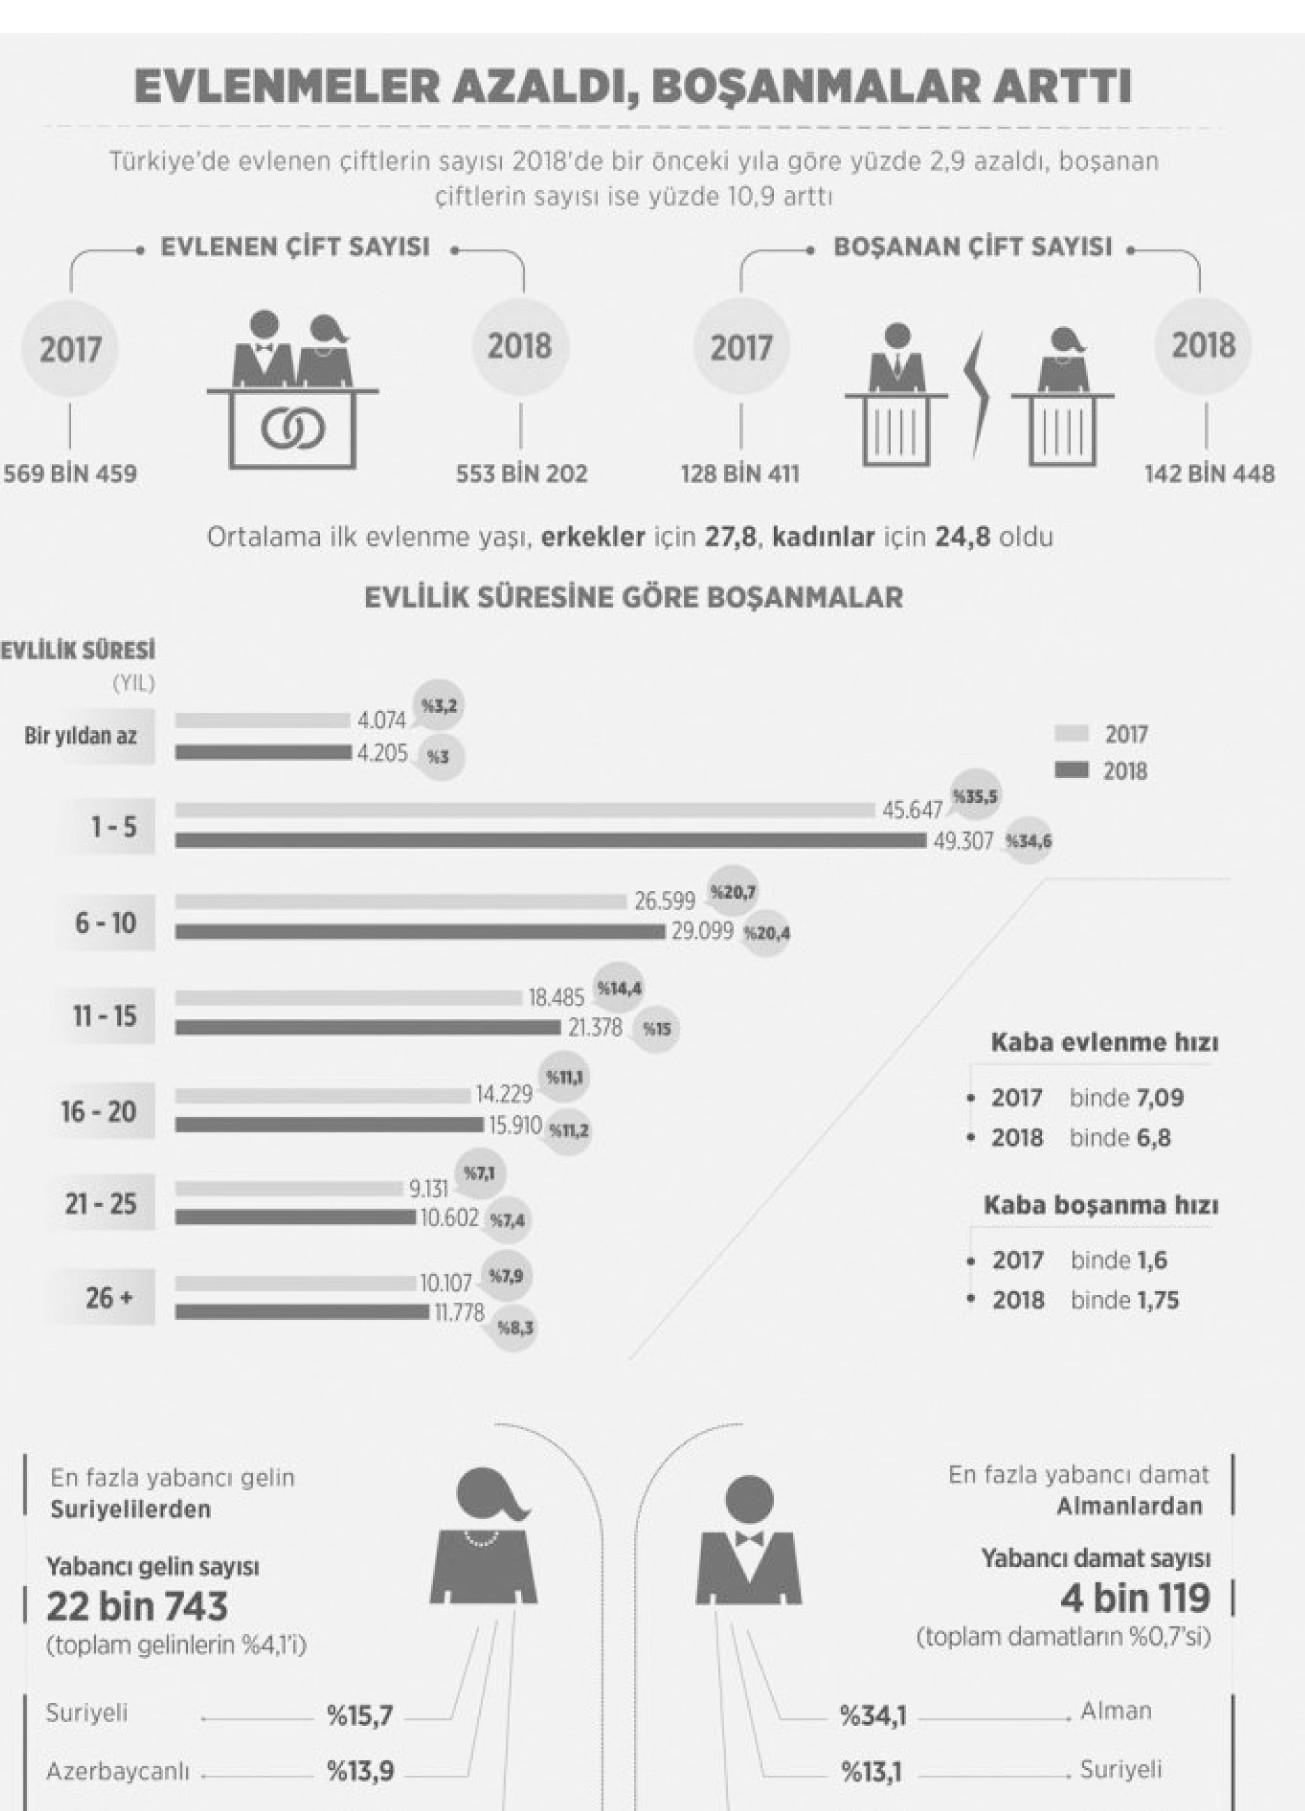 tüik evlenme ve boşanma istatistikleri